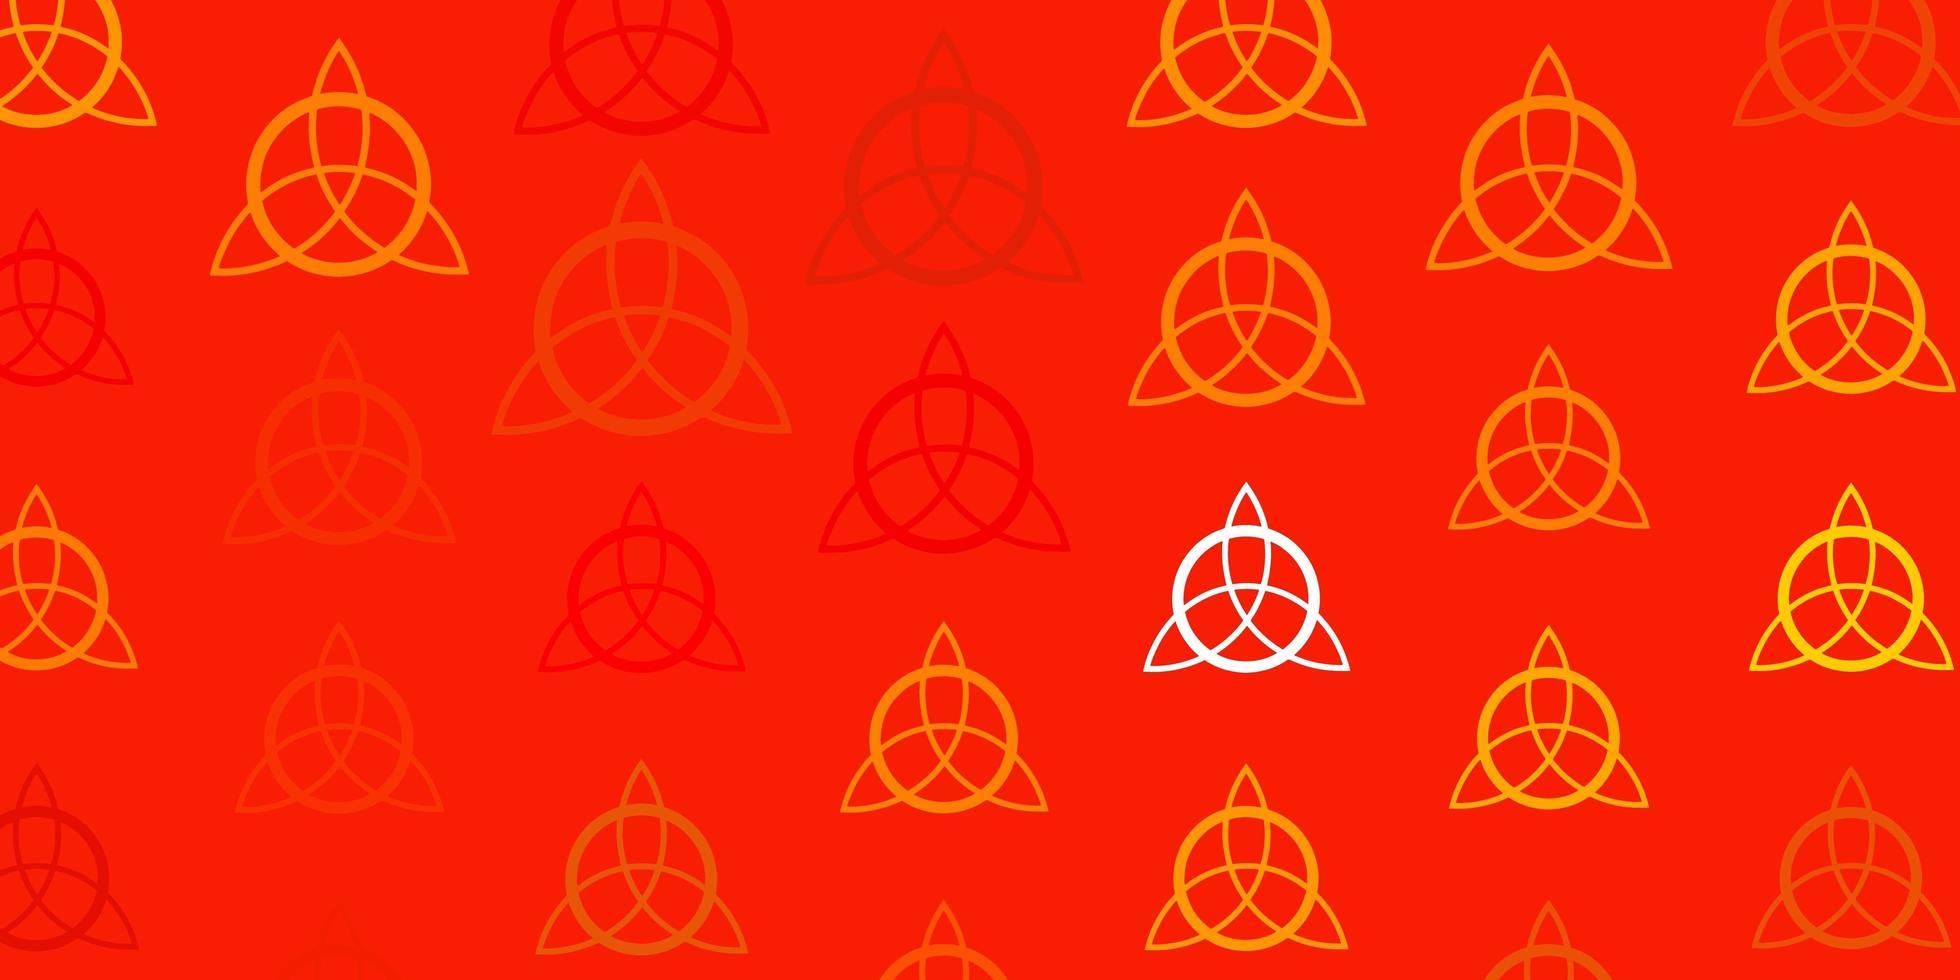 hellgelbe Vektorbeschaffenheit mit Religionssymbolen. vektor